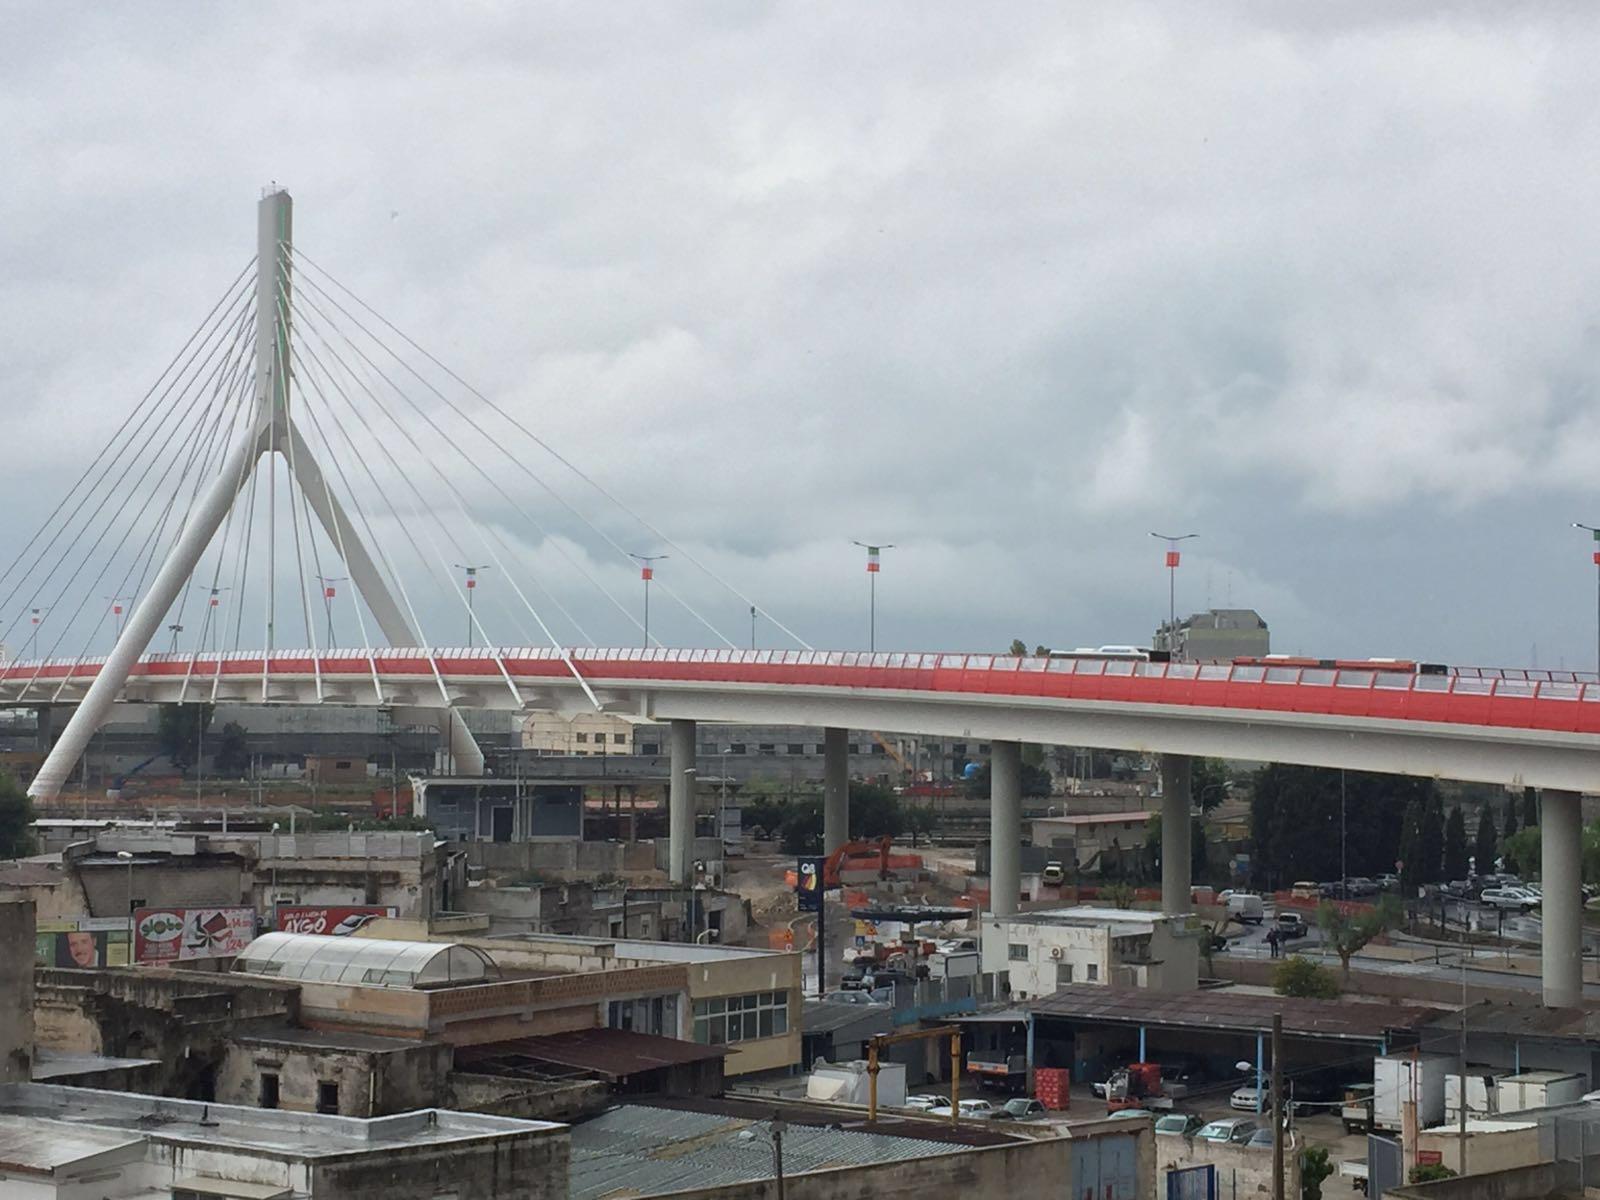 Bari, Renzi inaugura ponte: messaggio a chi vuole costruire muri